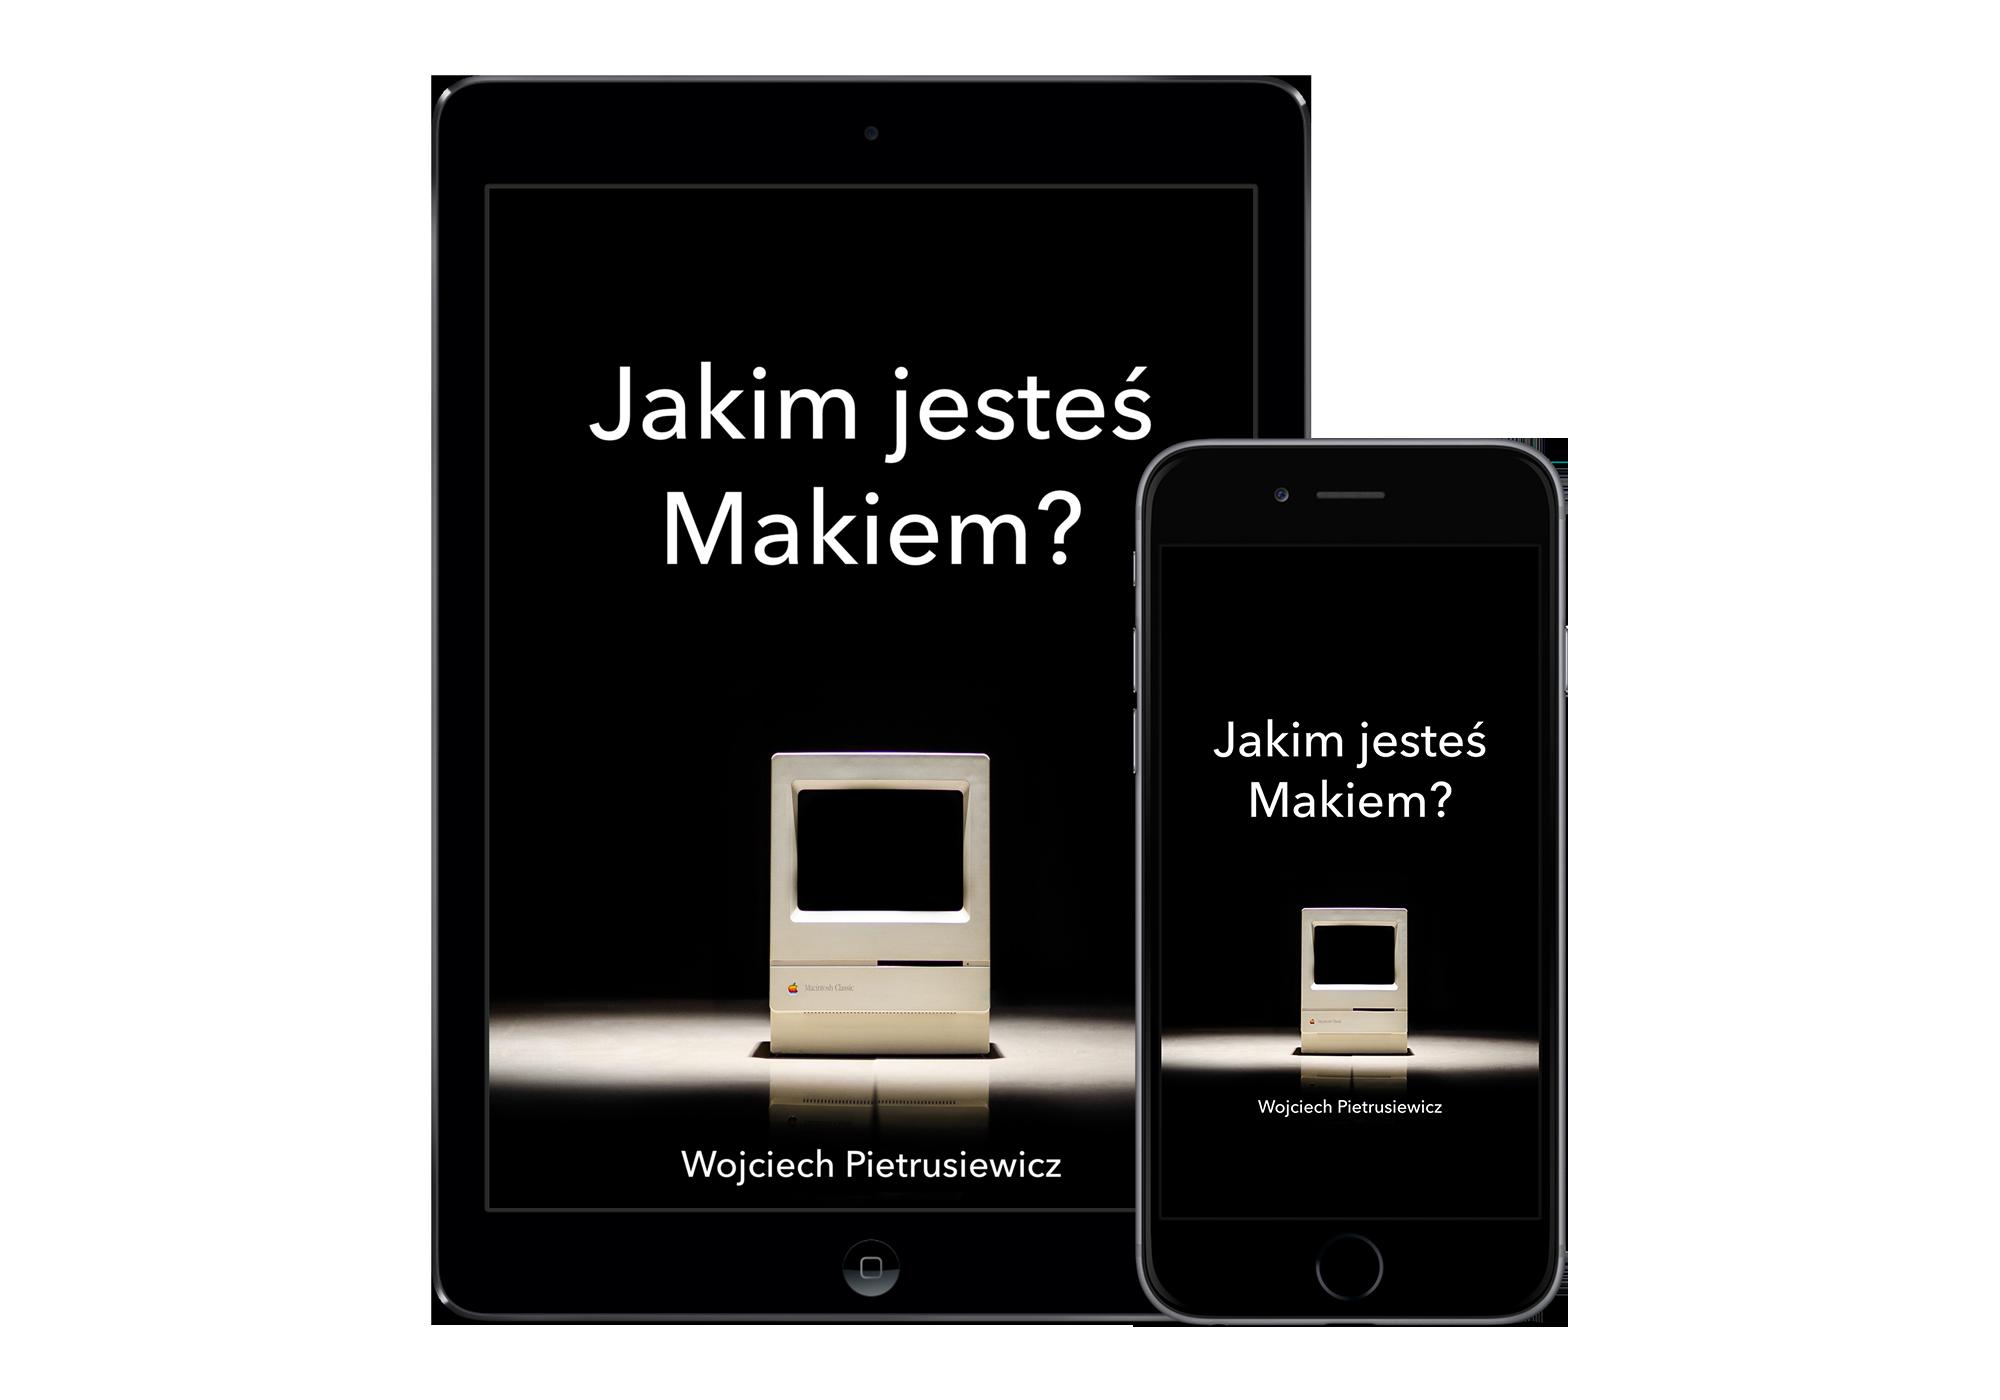 Jakim-jestes-Makiem-iPhone-iPad-hero